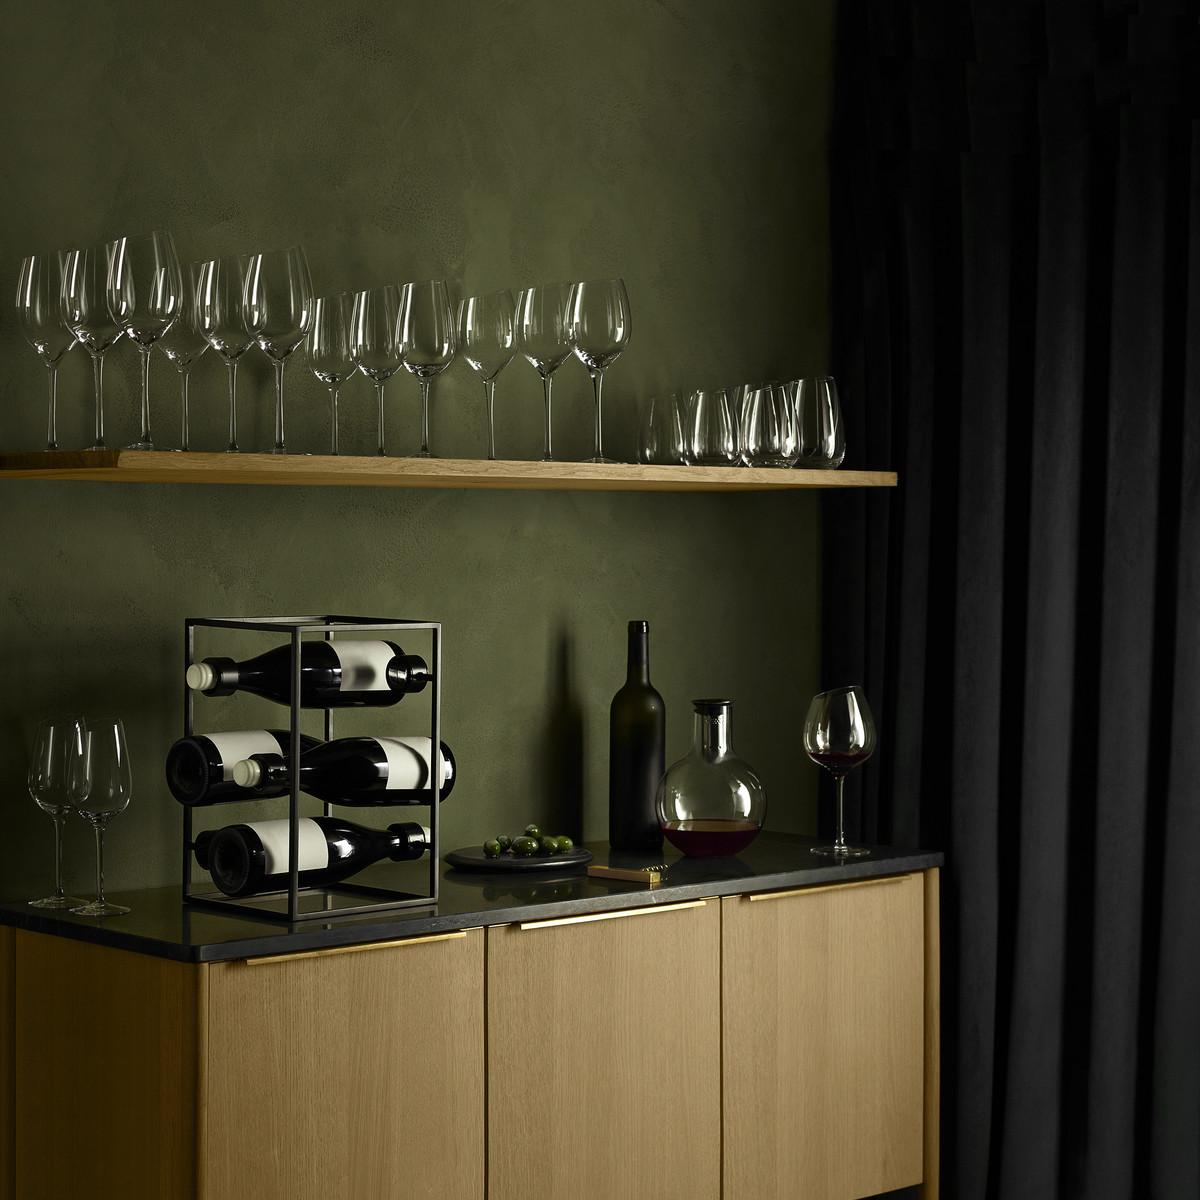 eva solo - Weinwürfel, 520421, 5706631191395